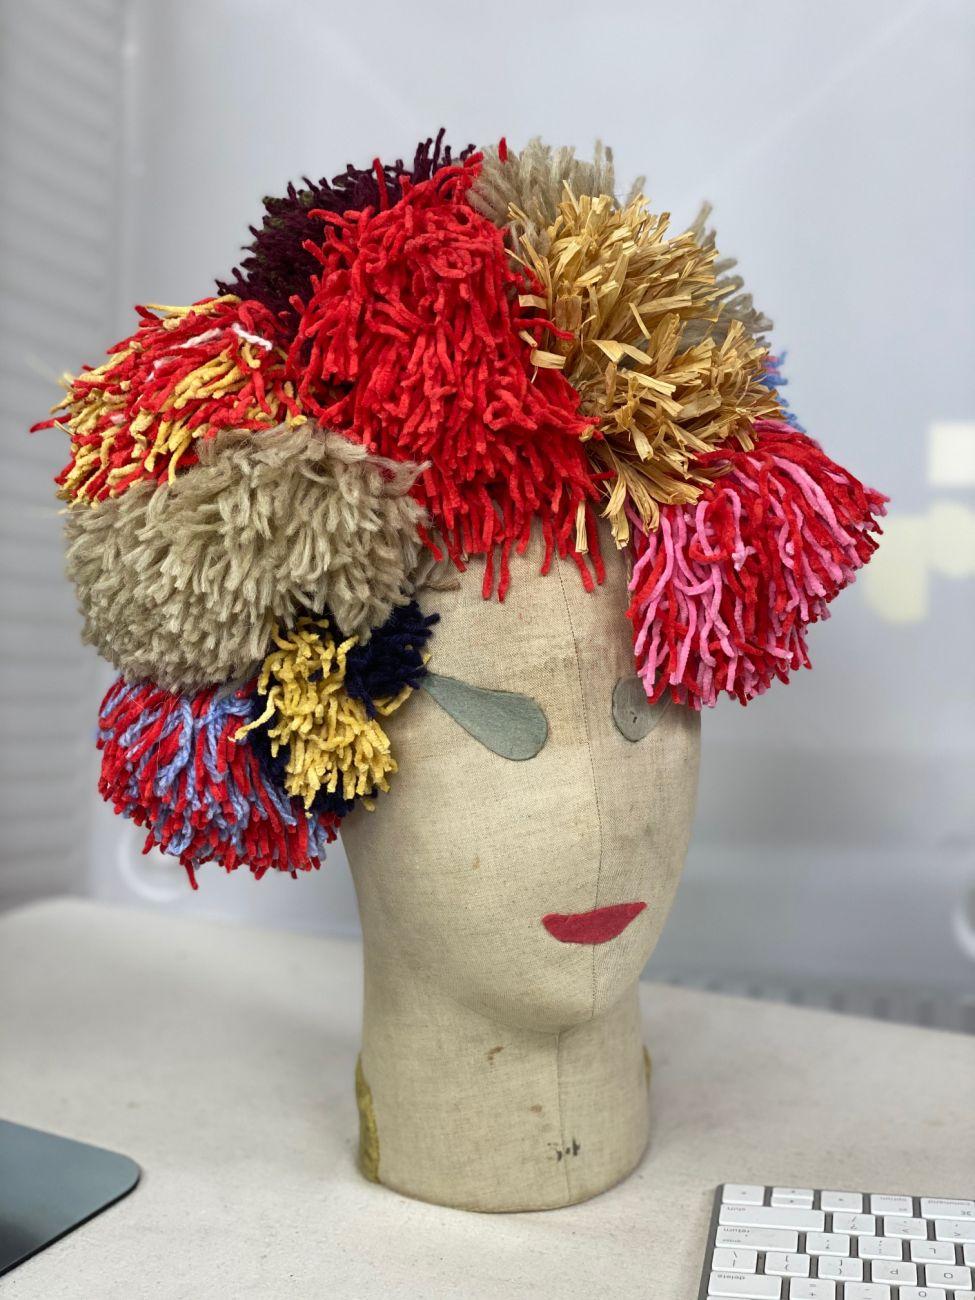 Pompom headpiece by Waltraud Reiner